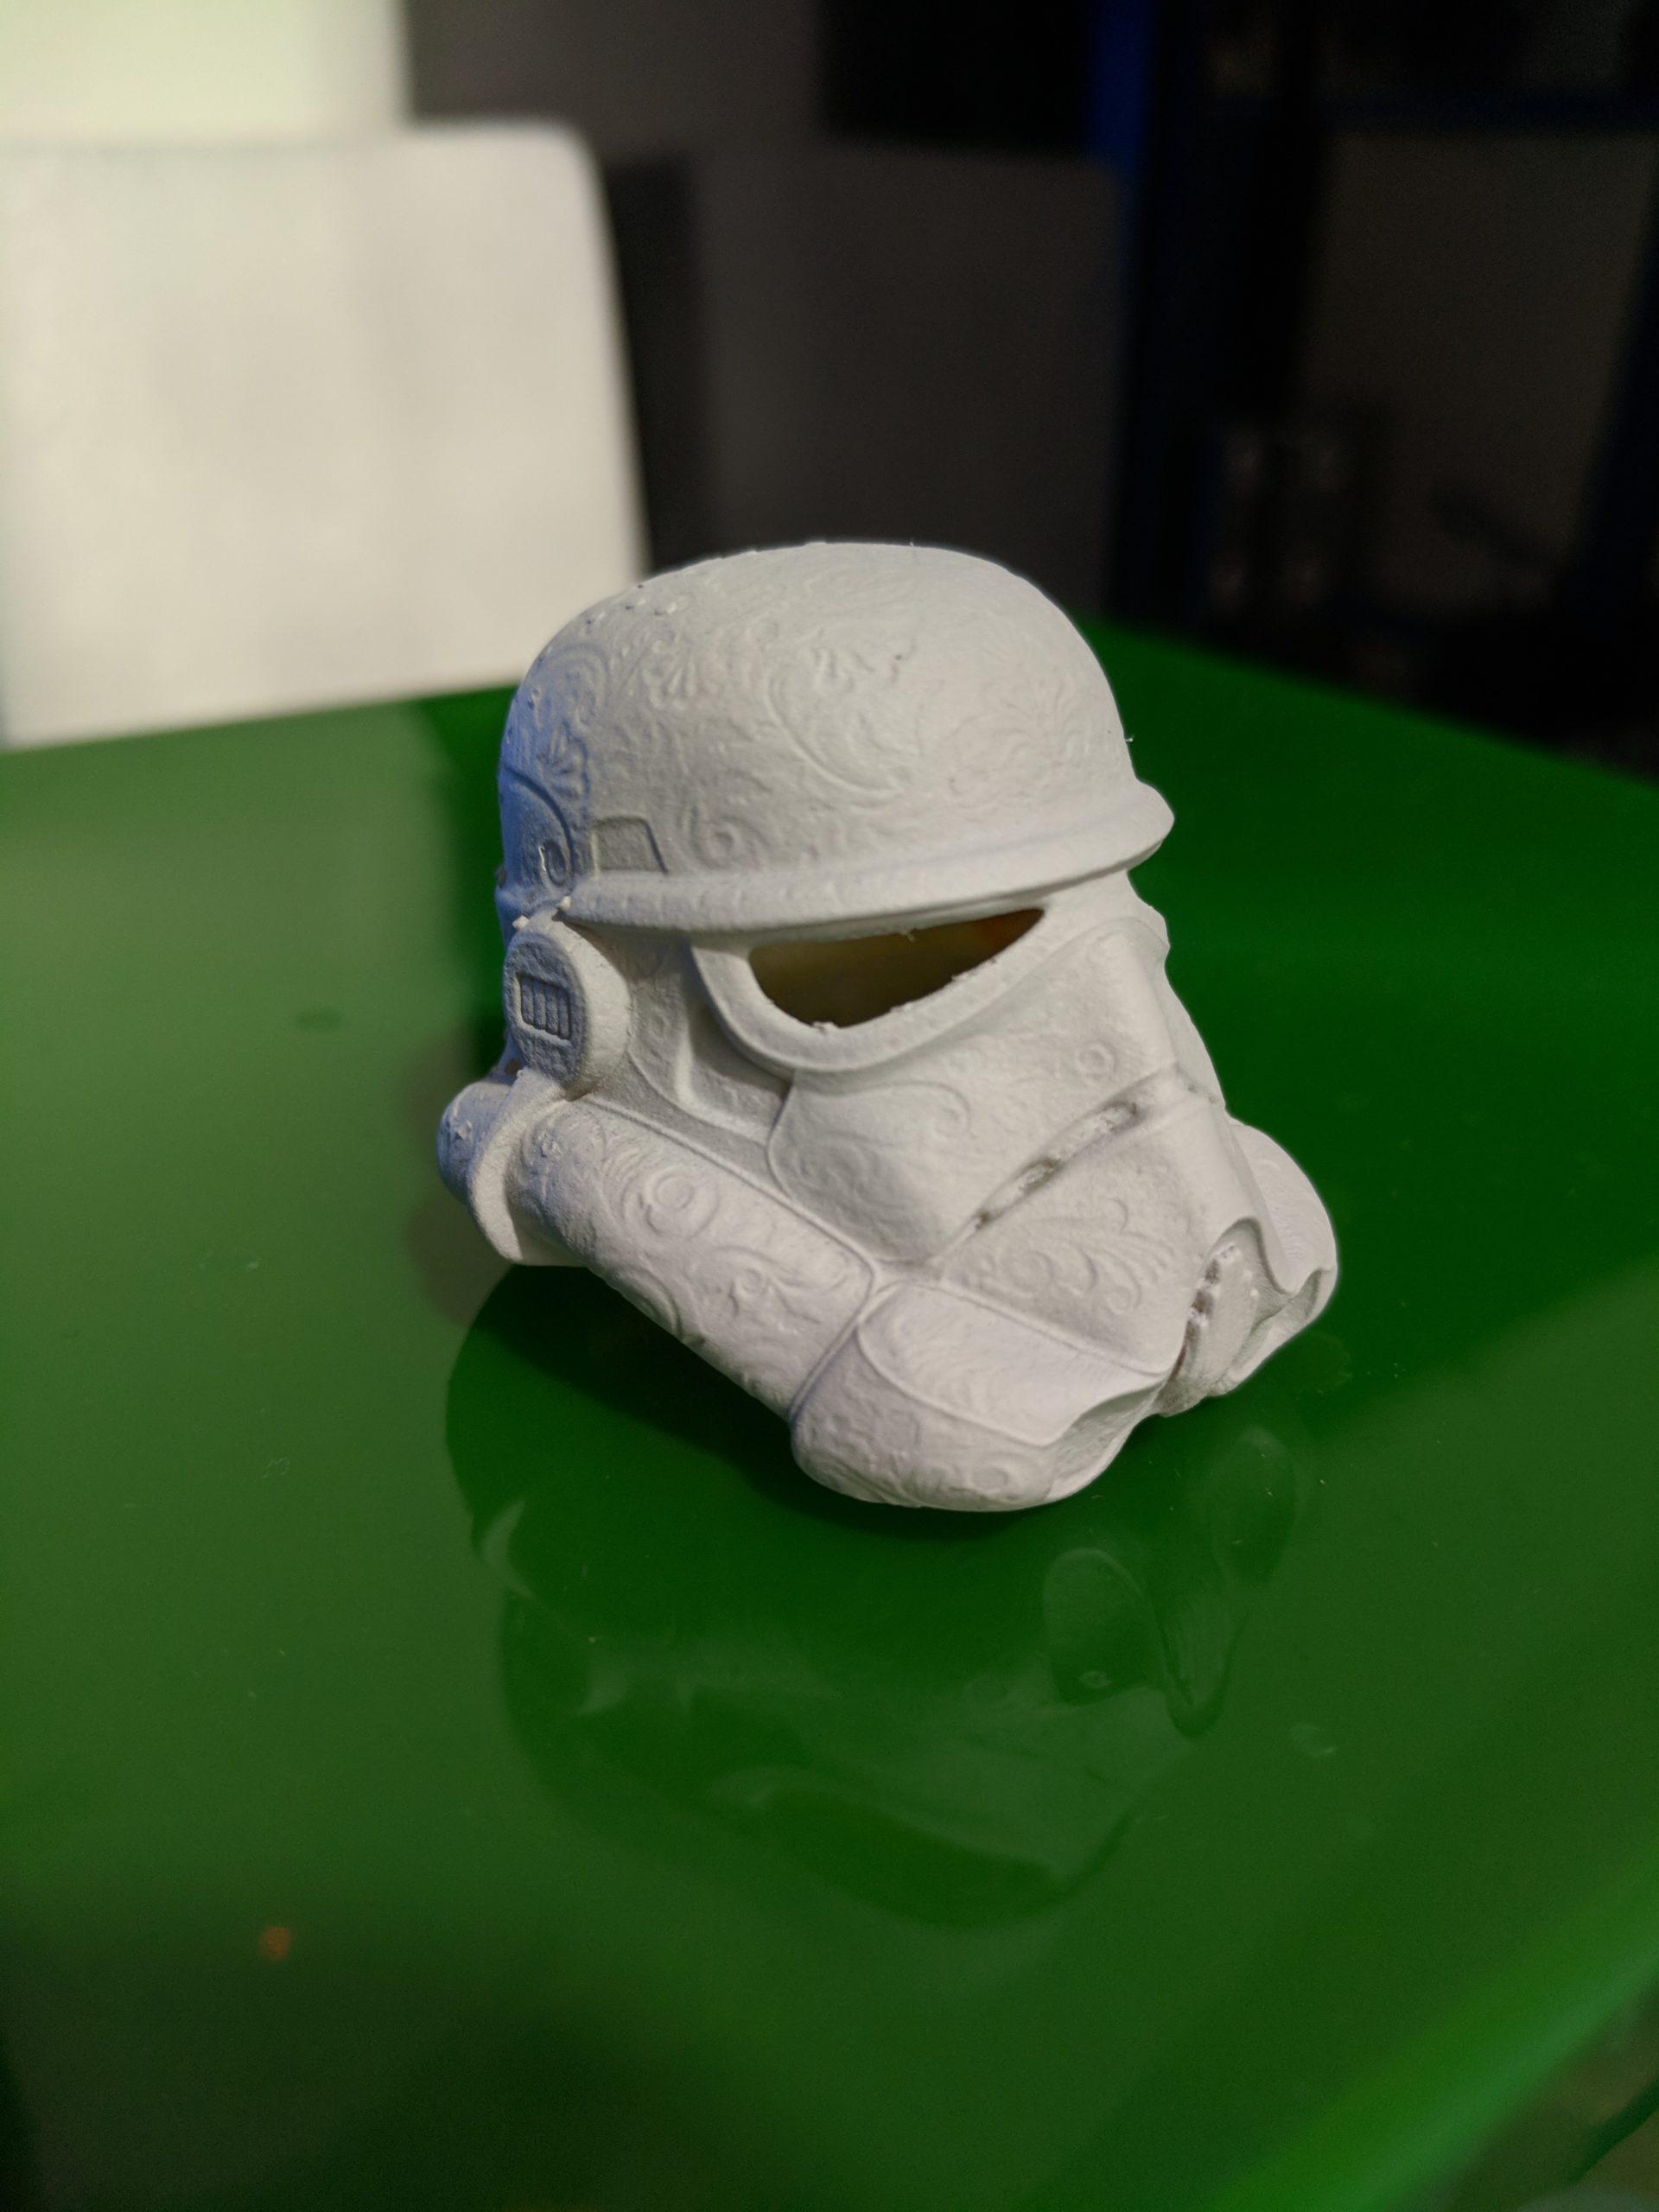 D100 Stormtrooper Helmet